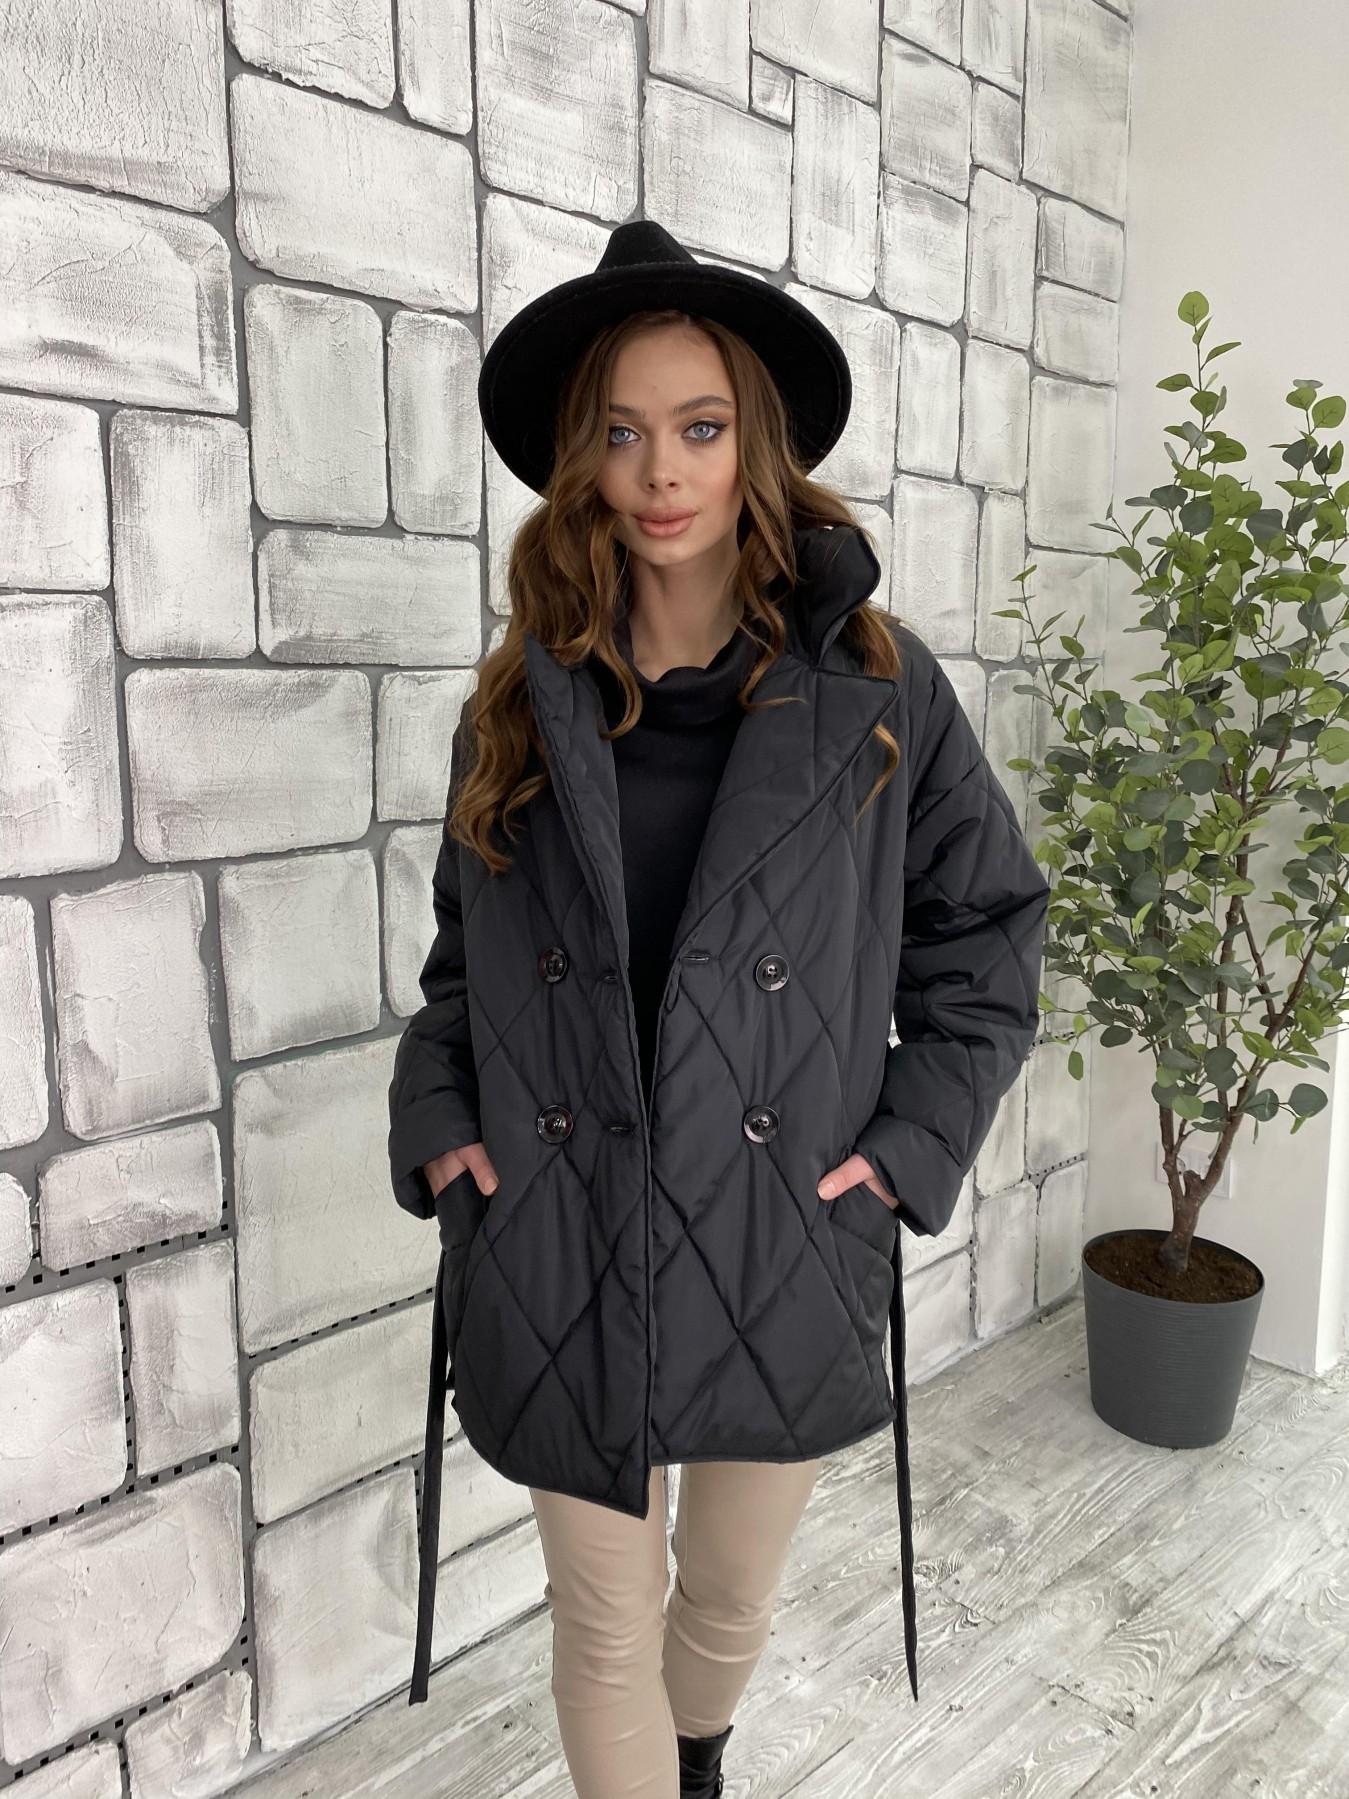 Норд куртка из плащевой ткани стеганая 10883 АРТ. 47354 Цвет: Черный - фото 10, интернет магазин tm-modus.ru